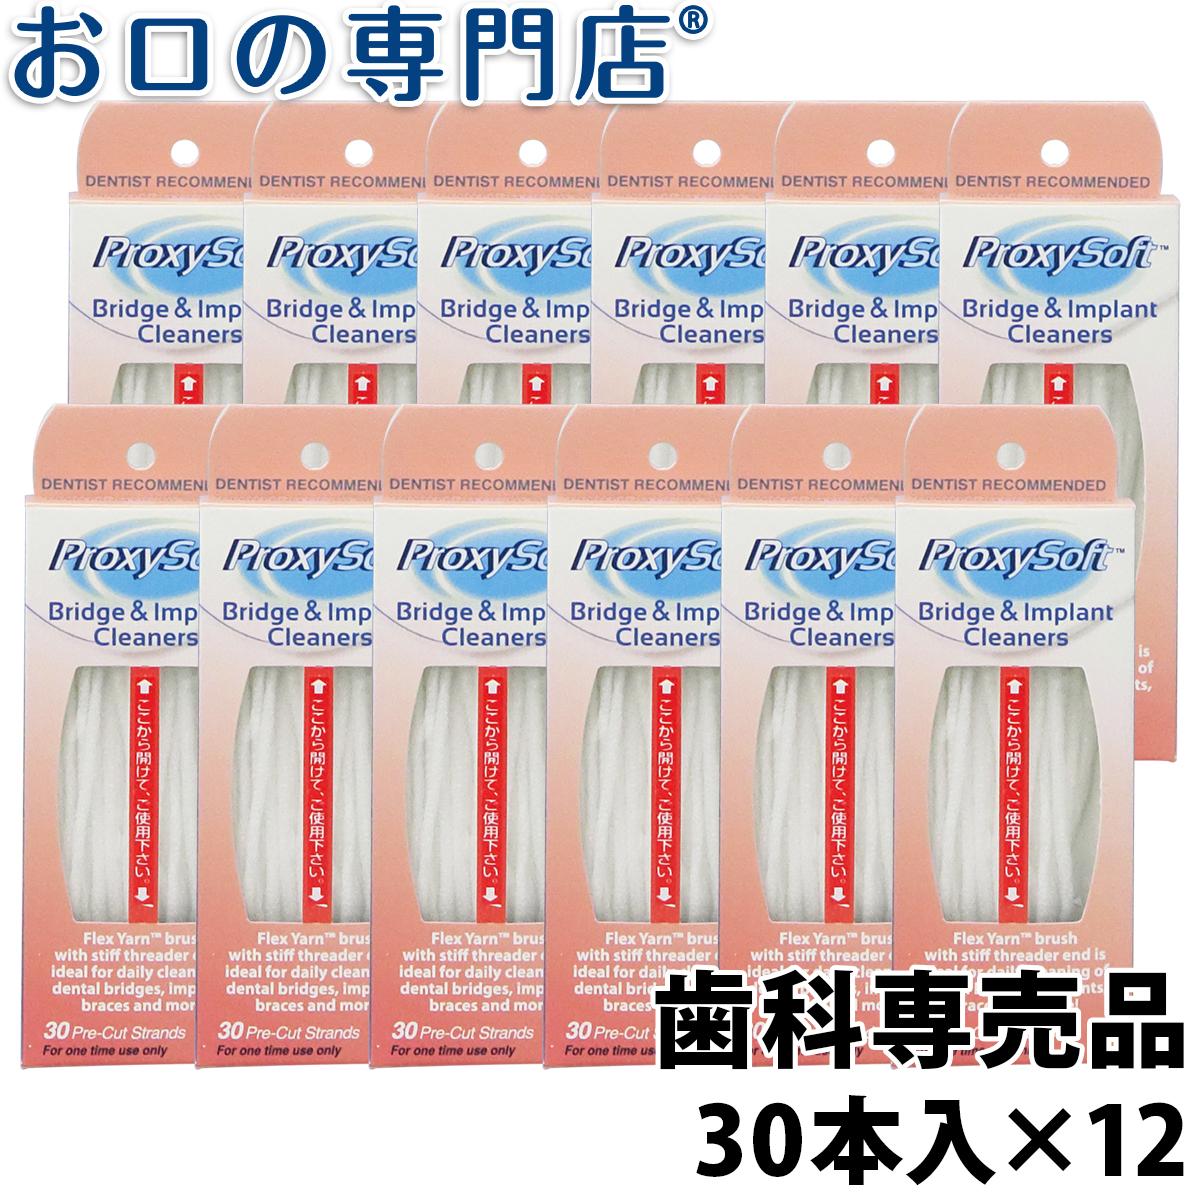 【送料無料】 プロキシソフト ブリッジ&インプラントクリーナー 30本入×12個 歯科専売品